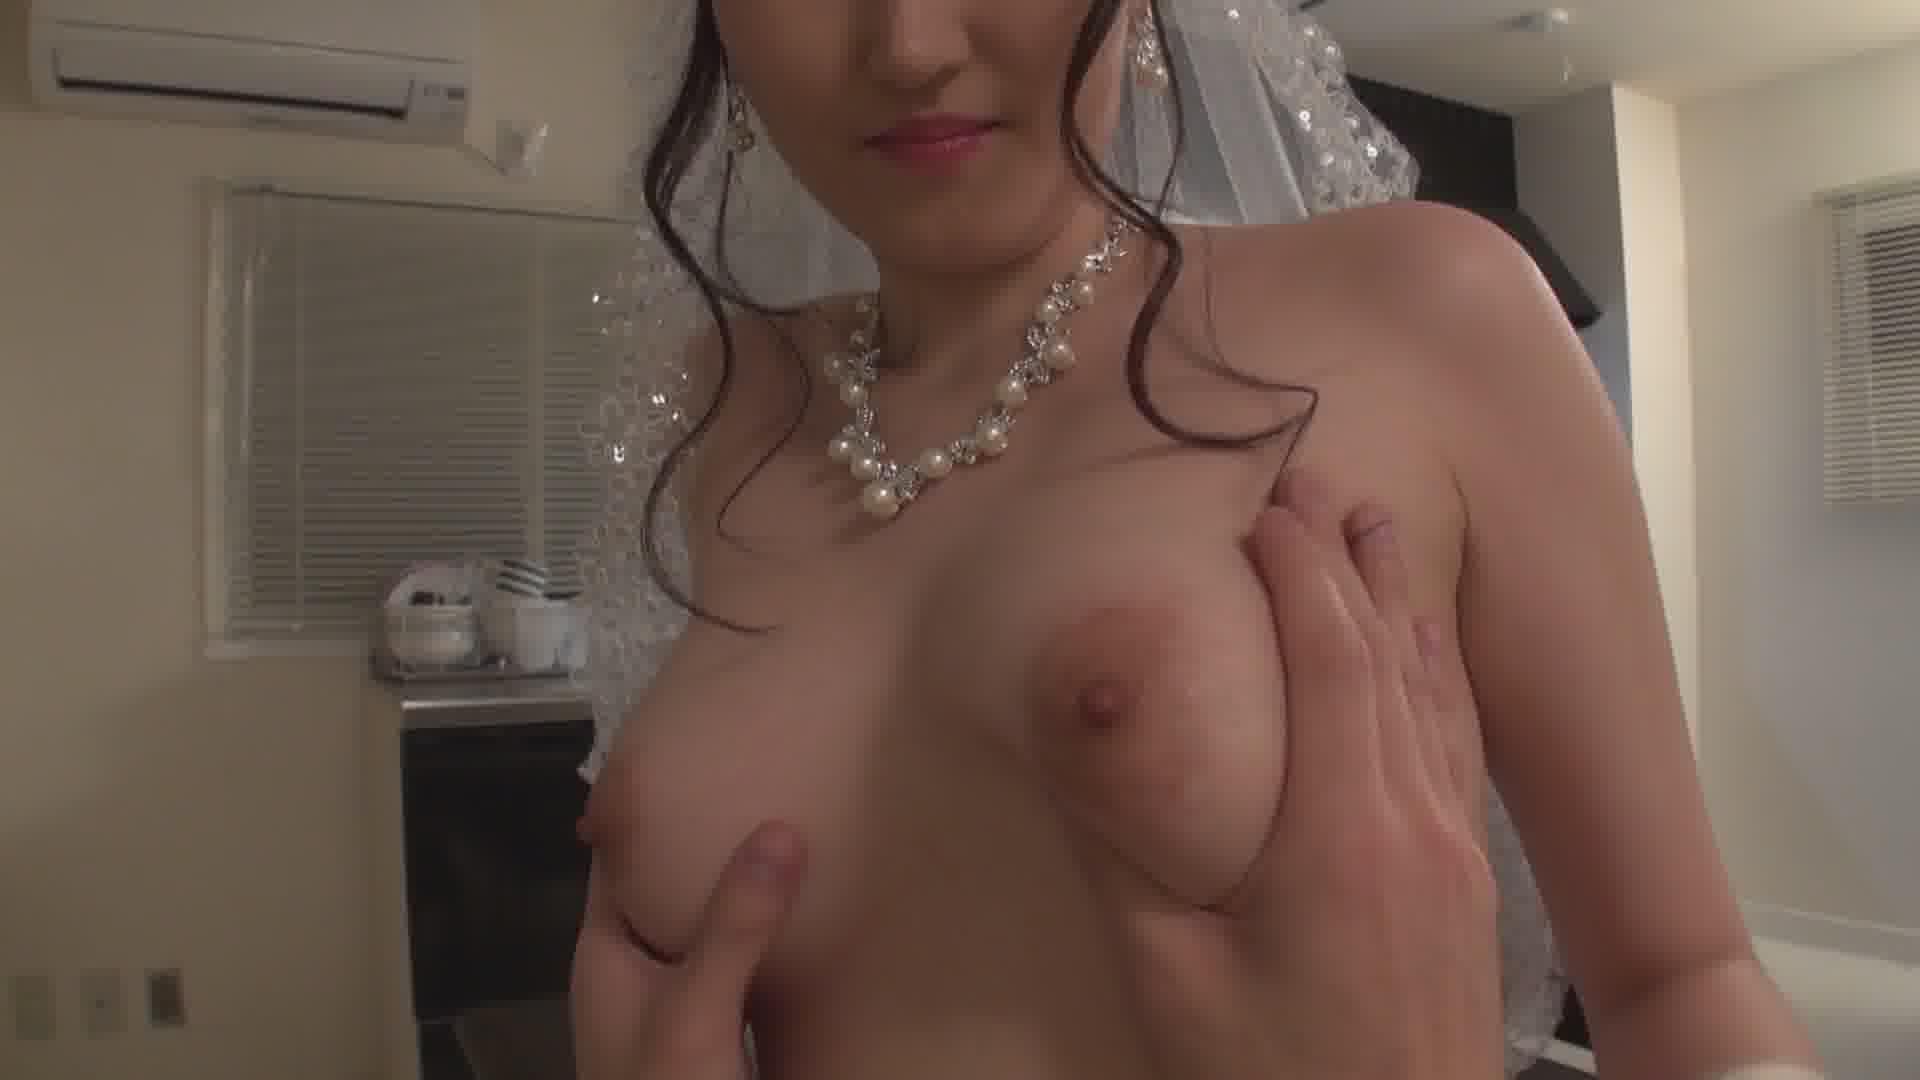 美月アンジェリアがぼくのお嫁さん ~ウェディングドレスに透けた美乳~ - 美月アンジェリア【巨乳・パイズリ・中出し】